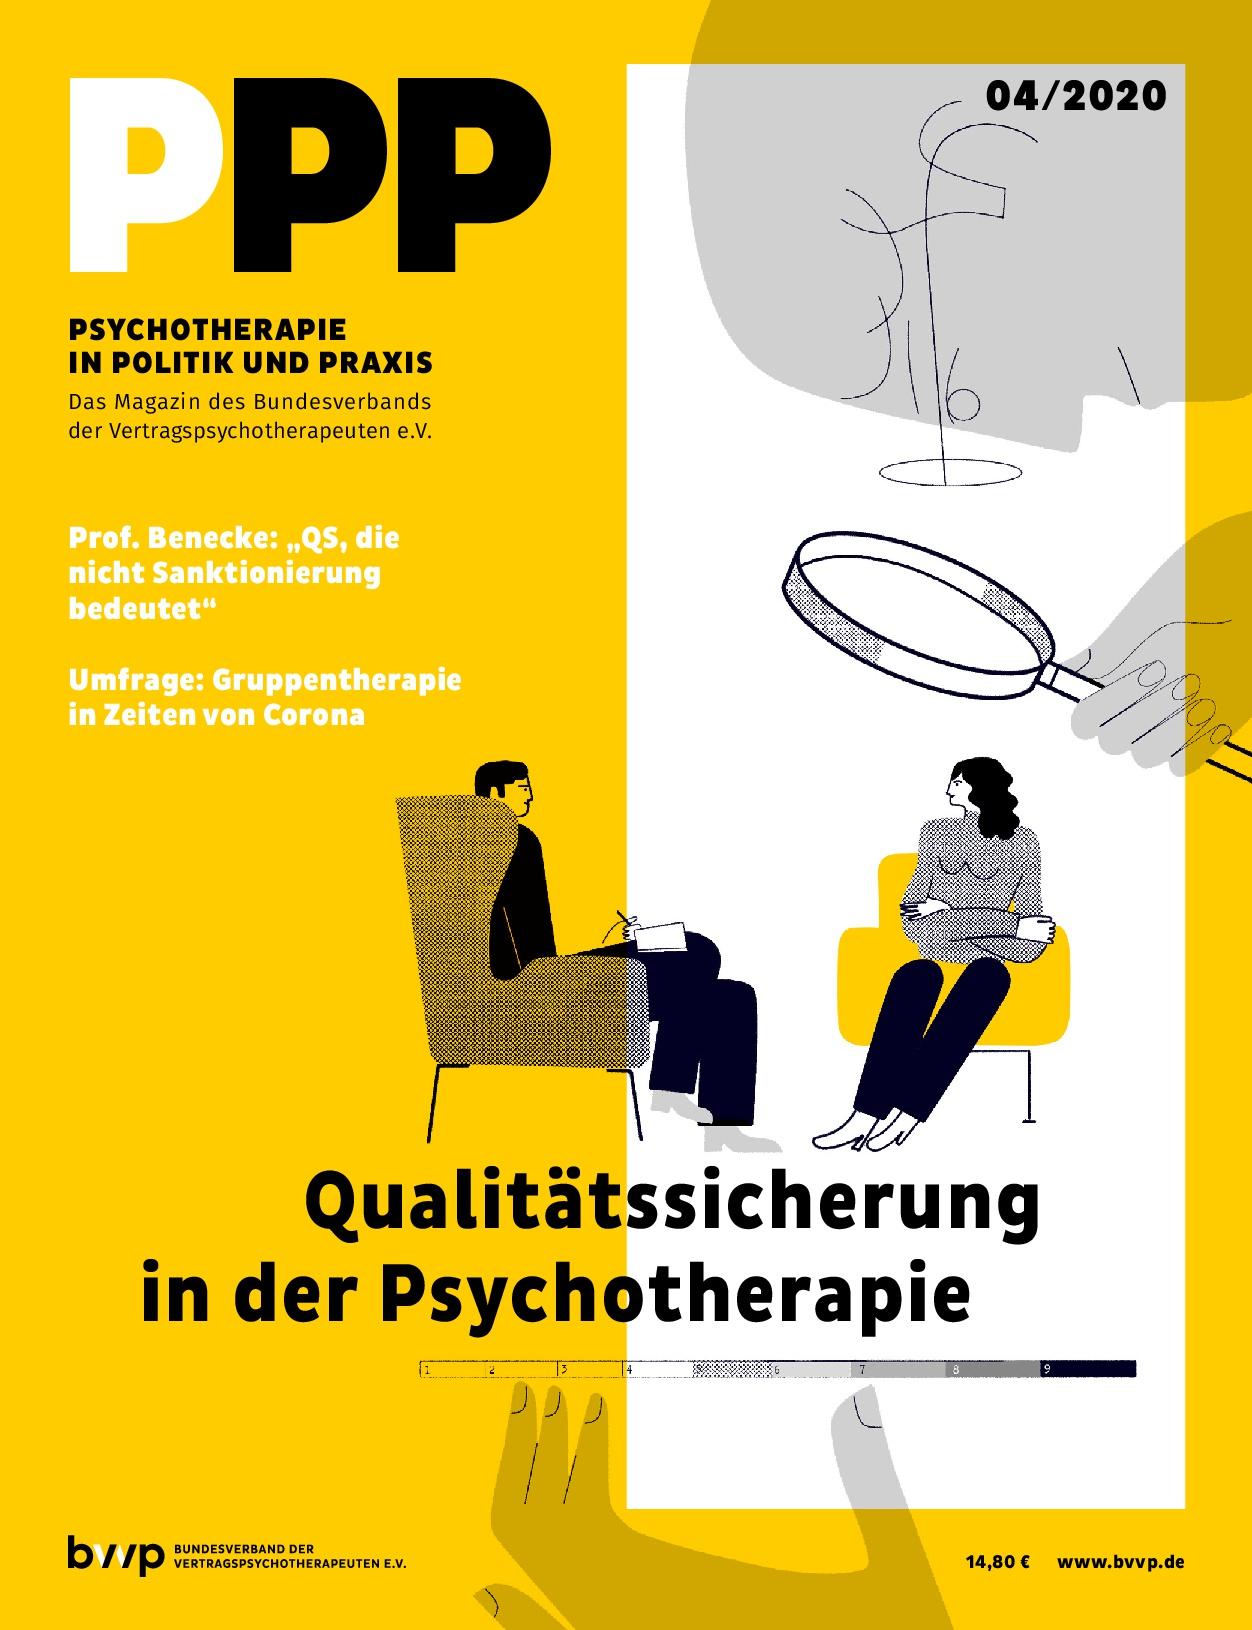 Psychotherapie in Politik und Praxis 04/2020